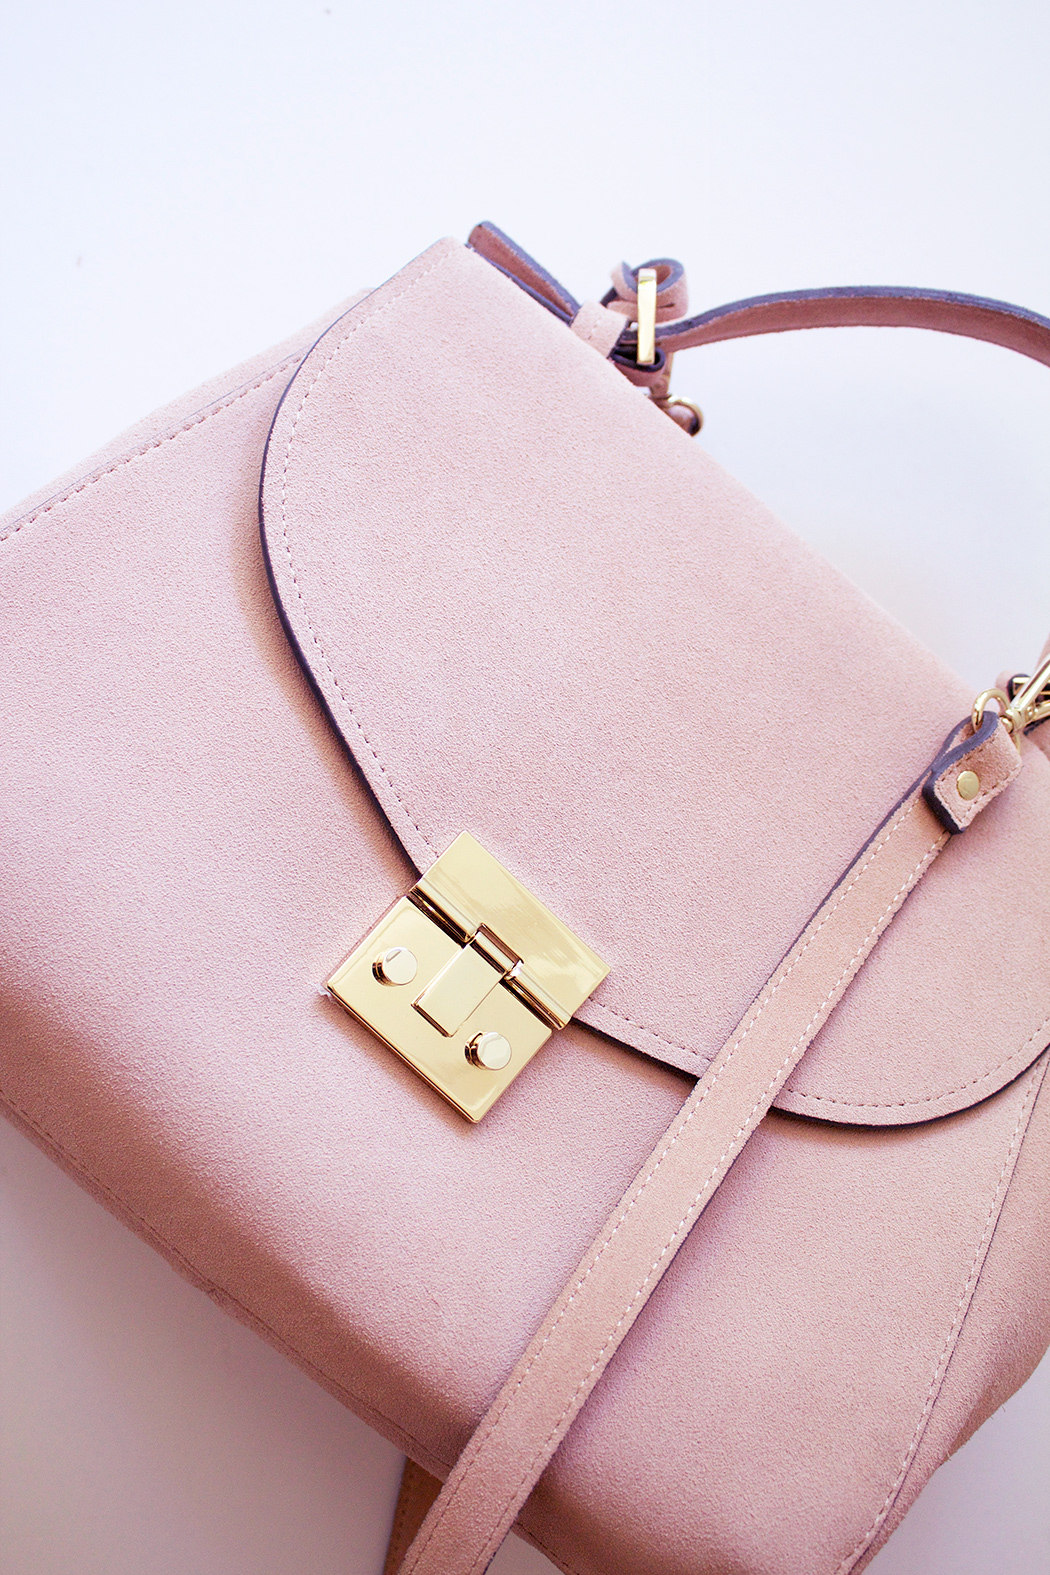 Zara-bag